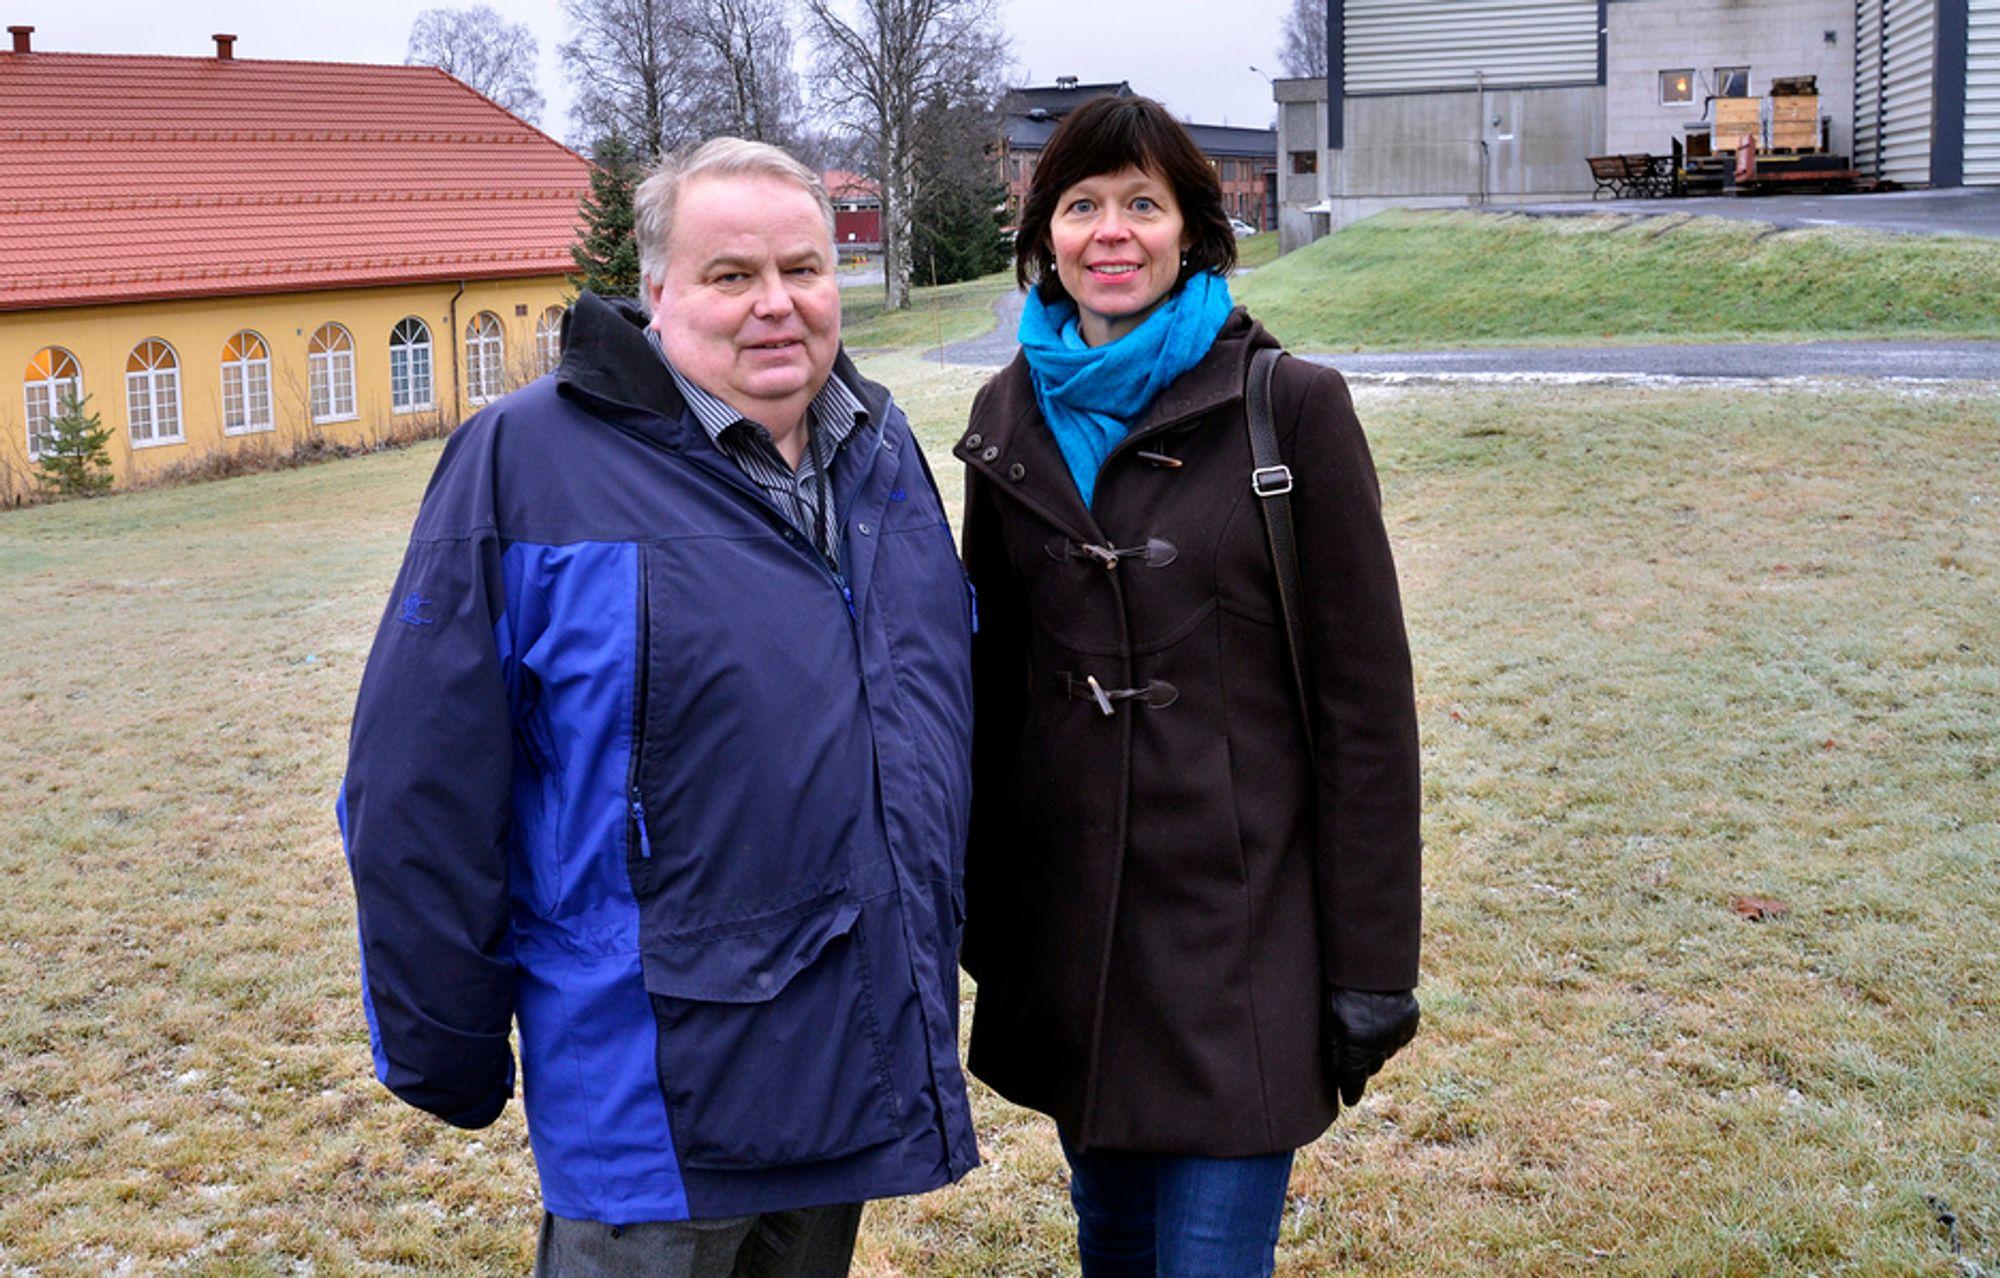 FORNYET: Jan Einar Jørgensen og Siri Sorteberg ved den gamle handvåpenbanen. Her ble det blant annet tatt ut 100 tonn med bly og ni tonn med kobber. - Vi har fått fjernet store mengder tungmetaller, forteller Sorteberg.